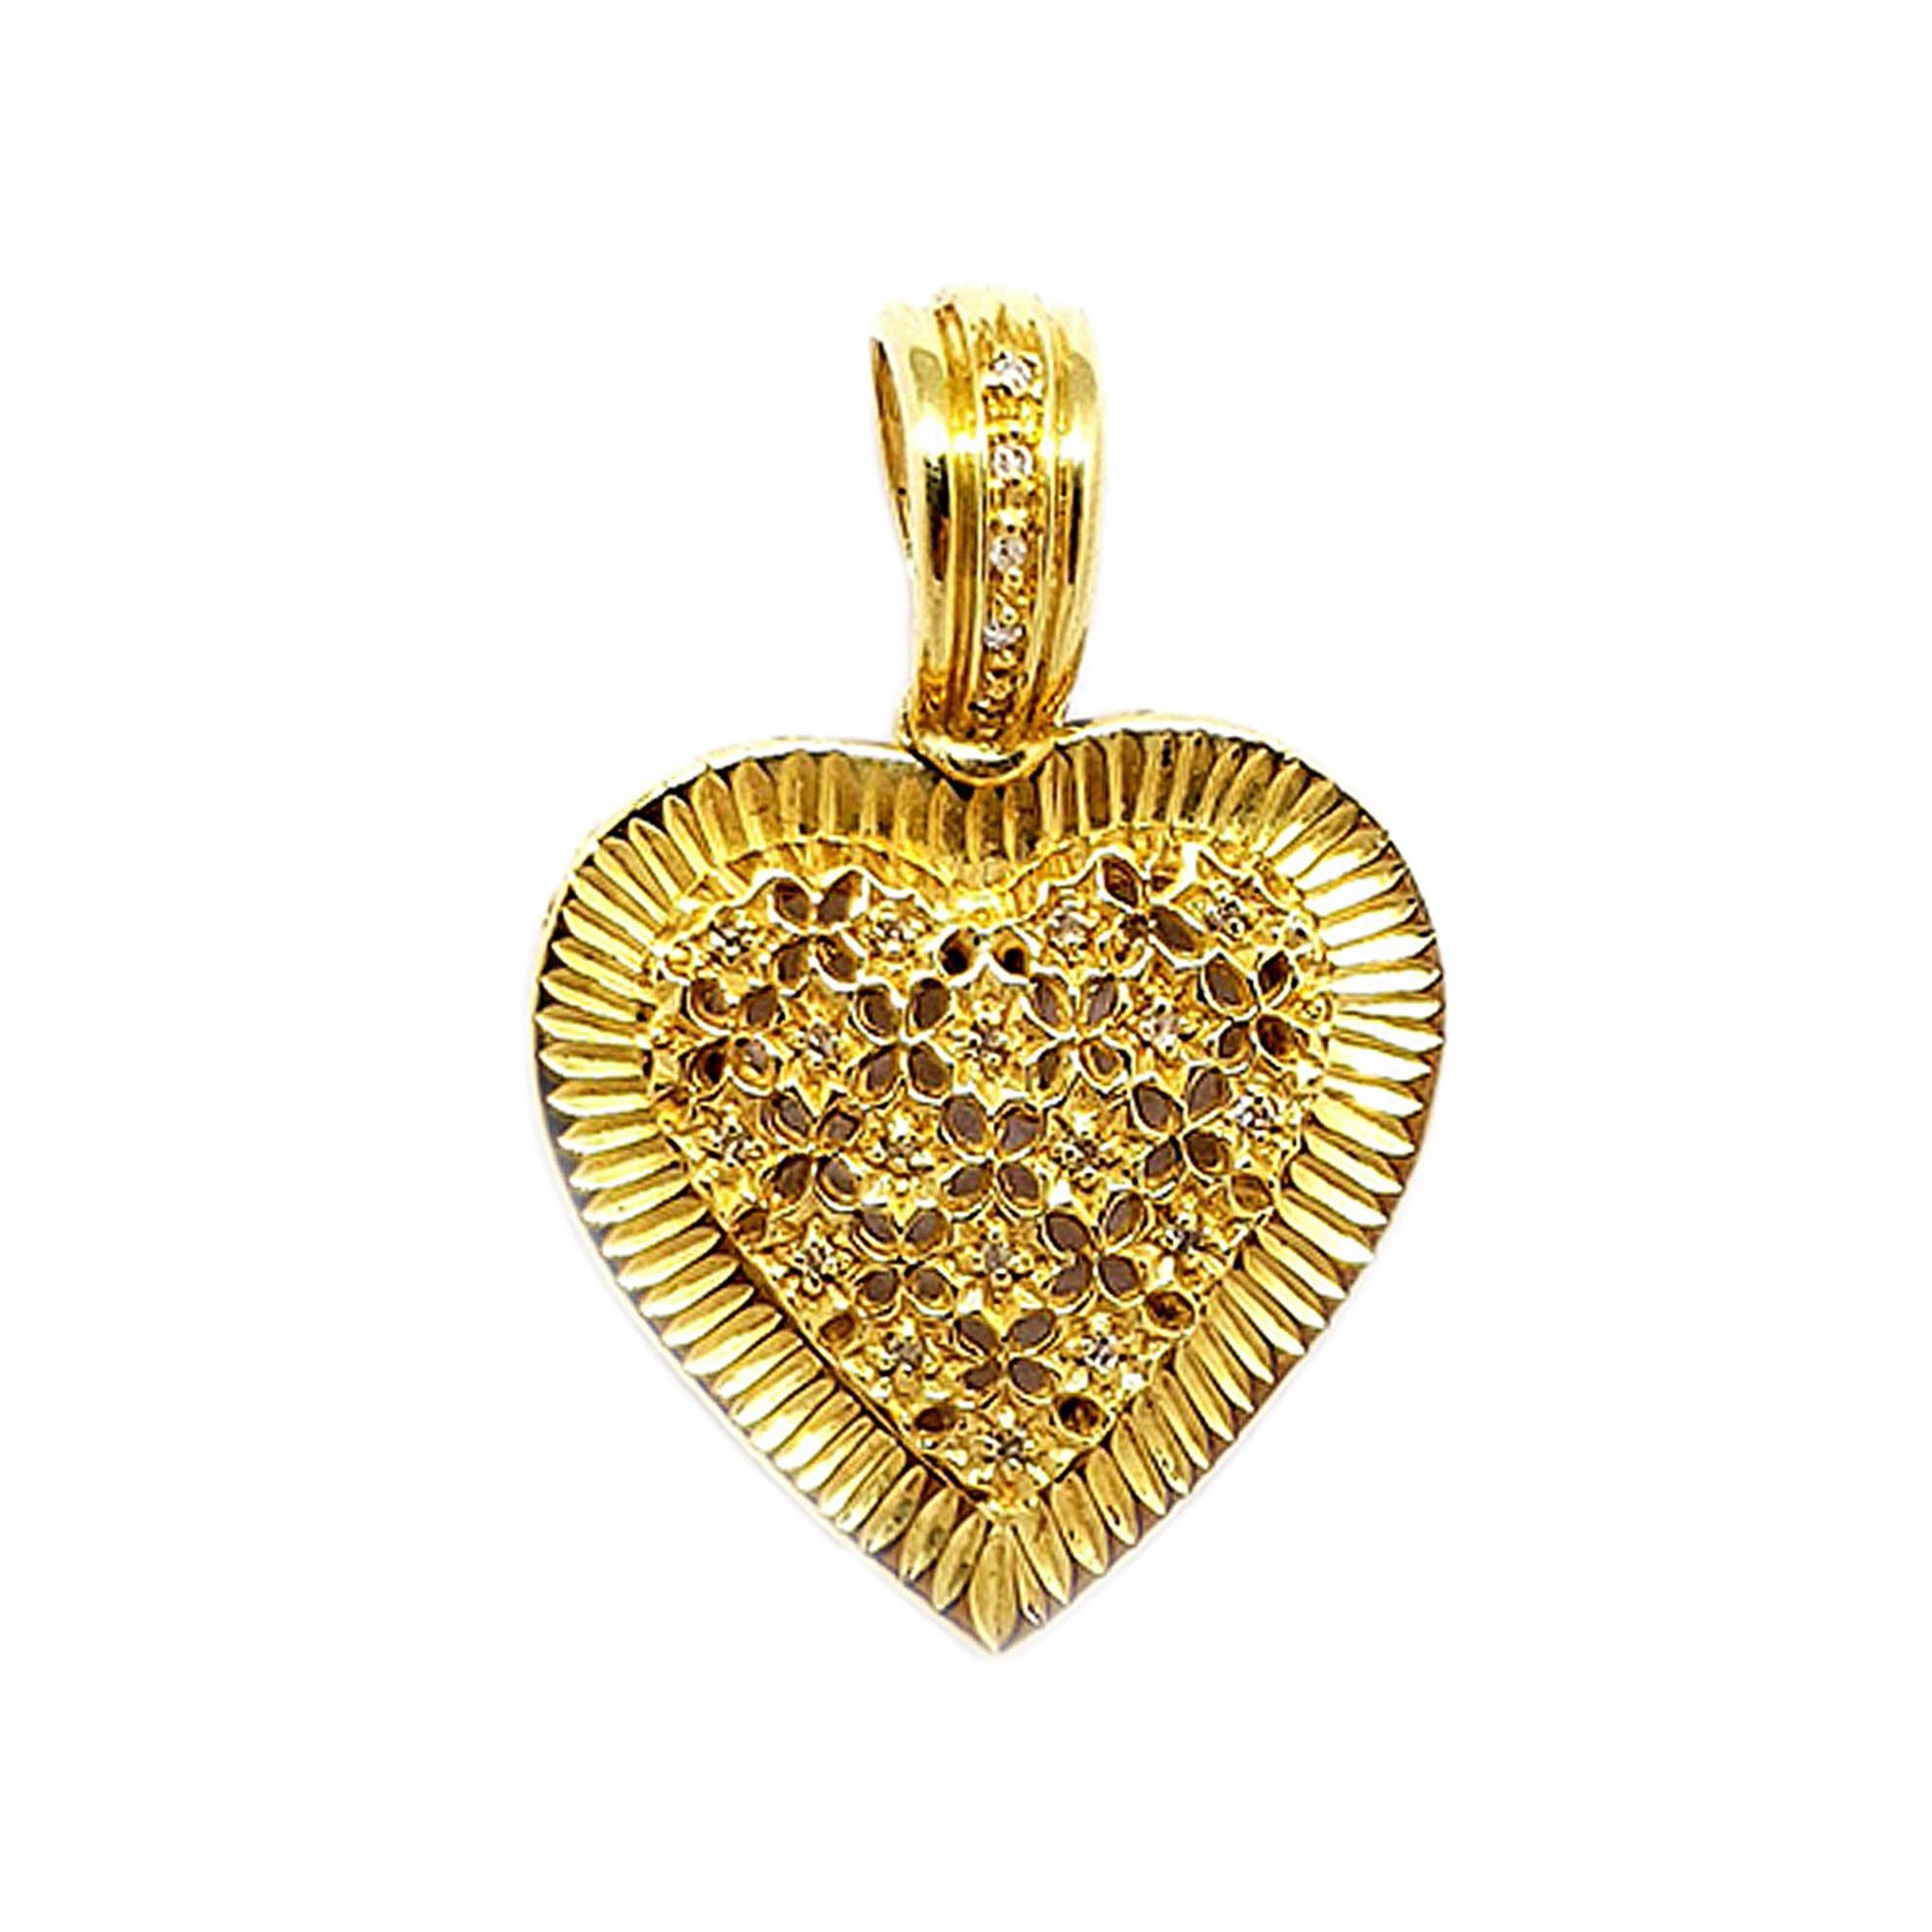 Pingente Coração Rendado c/ Zircônias em Ouro 18 Kilates